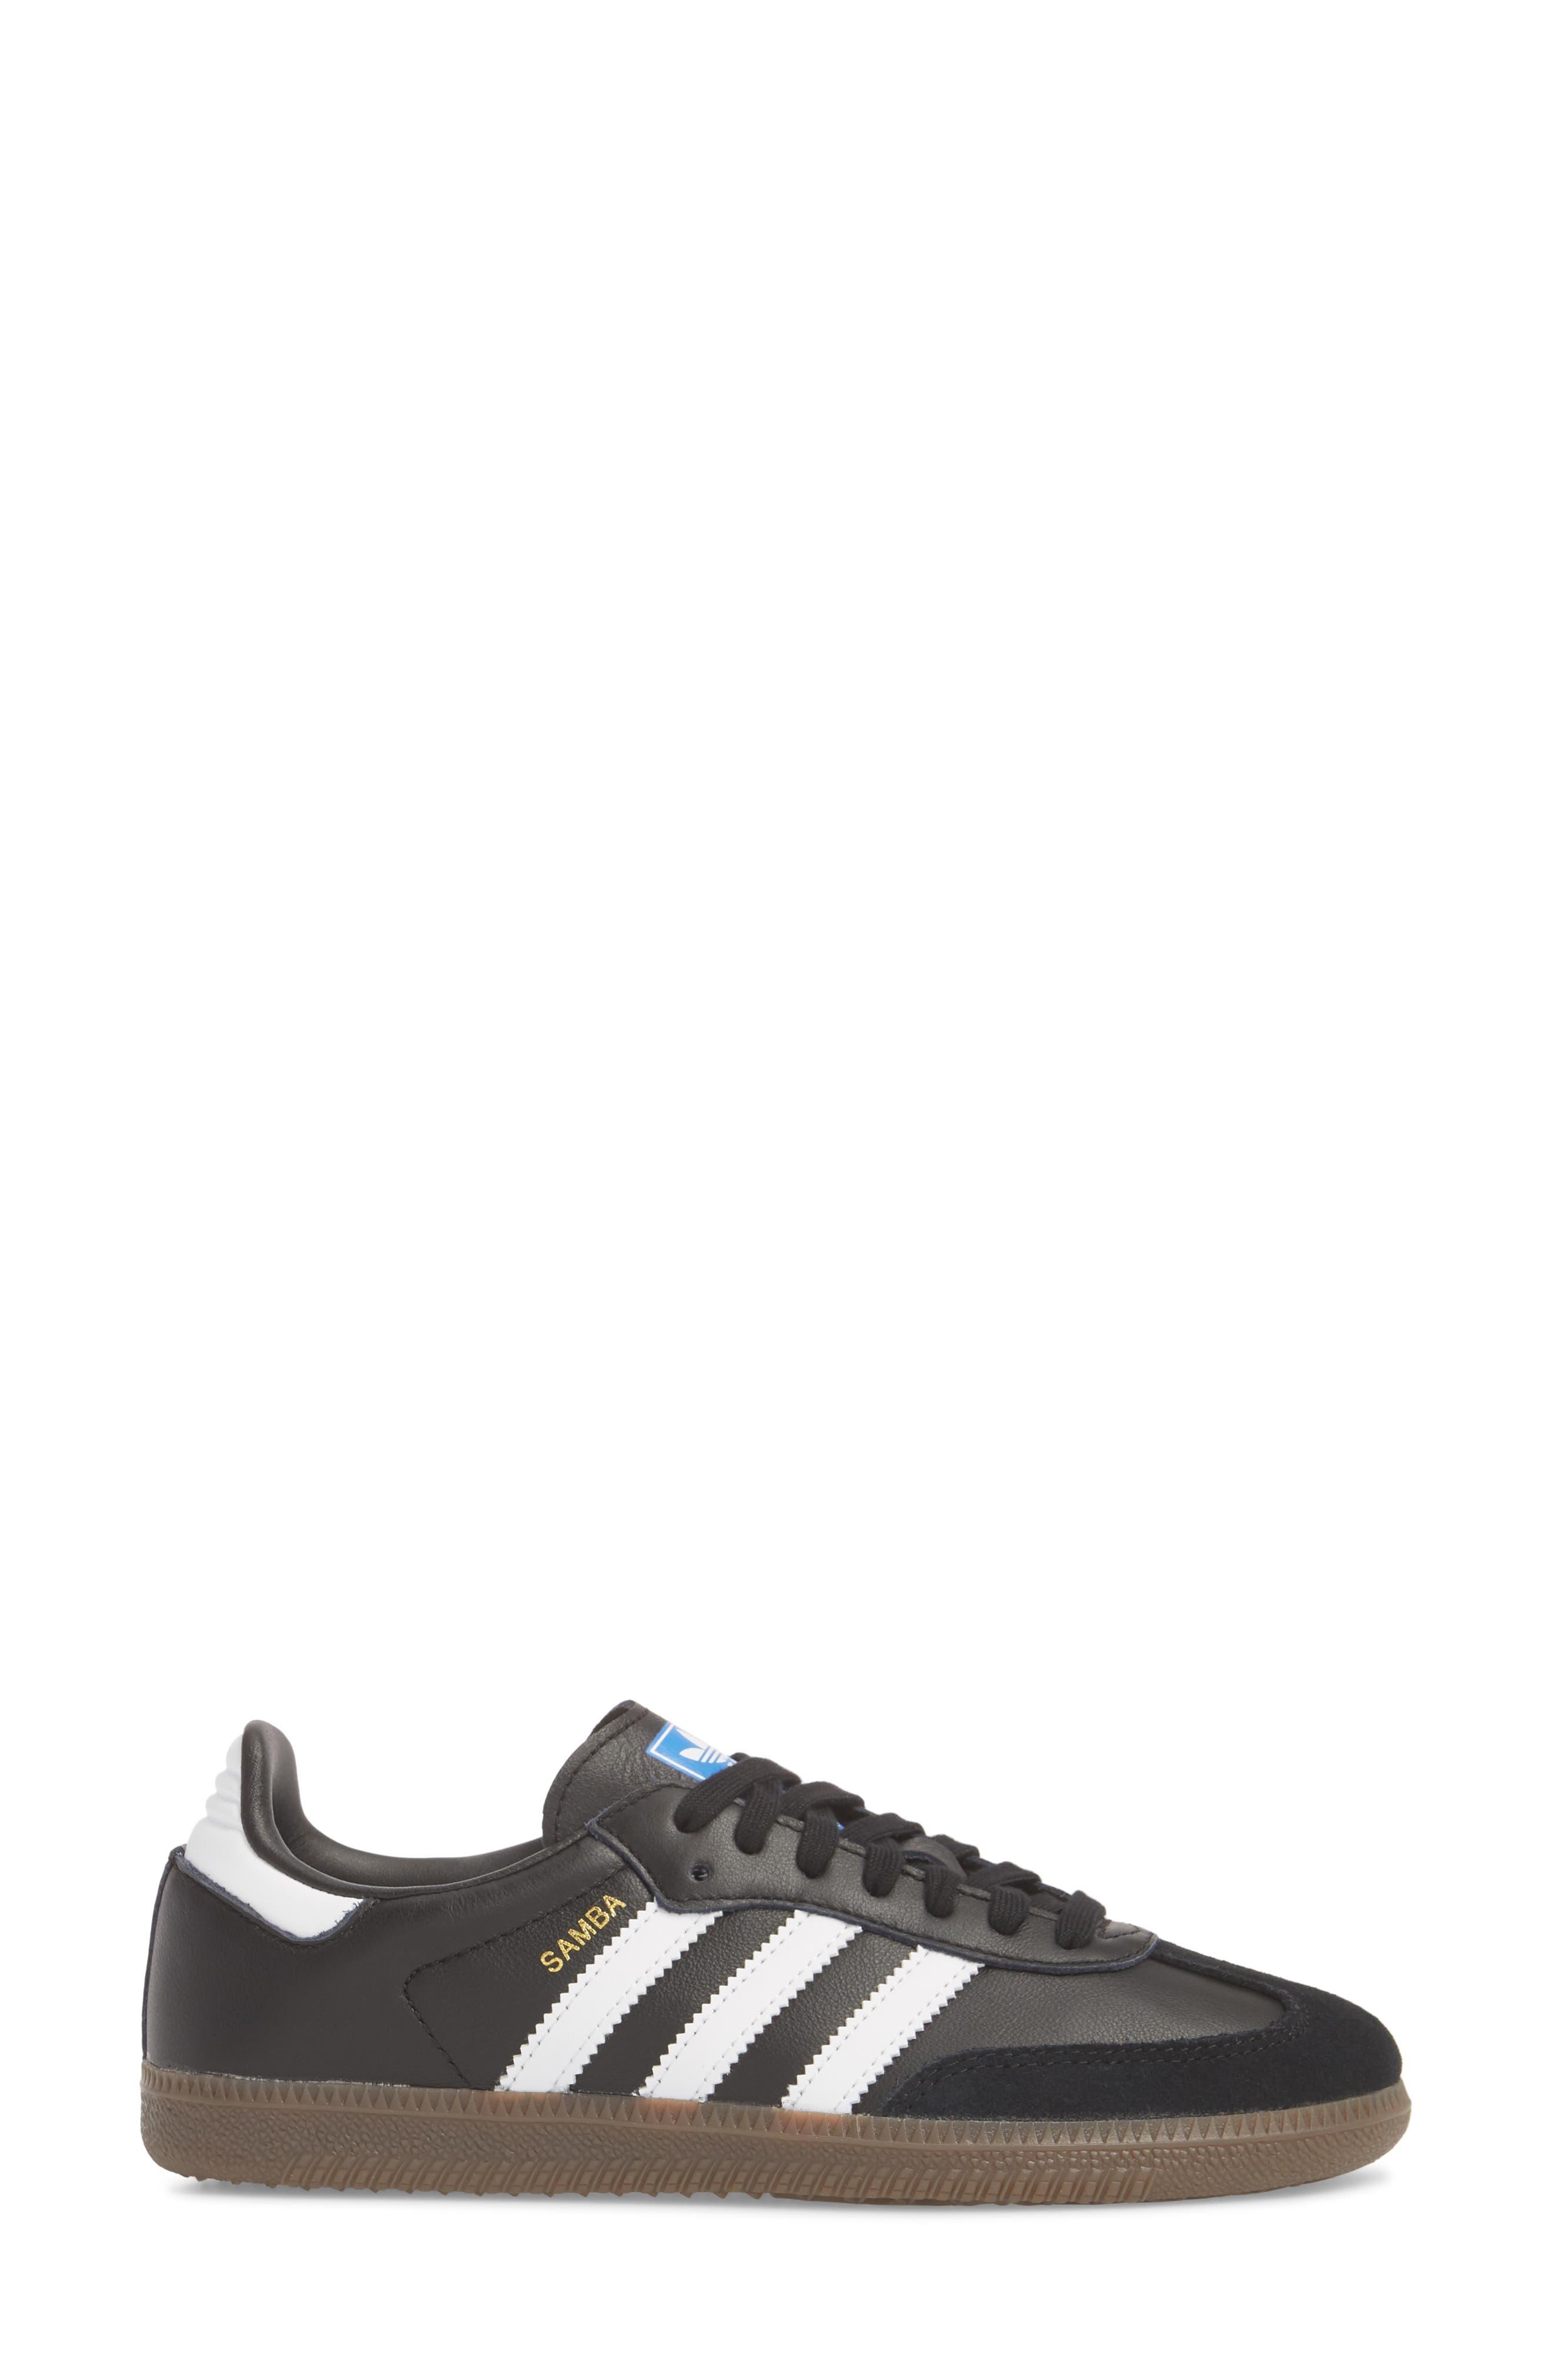 'Samba' Sneaker,                             Alternate thumbnail 3, color,                             BLACK/ WHITE/ GUM5